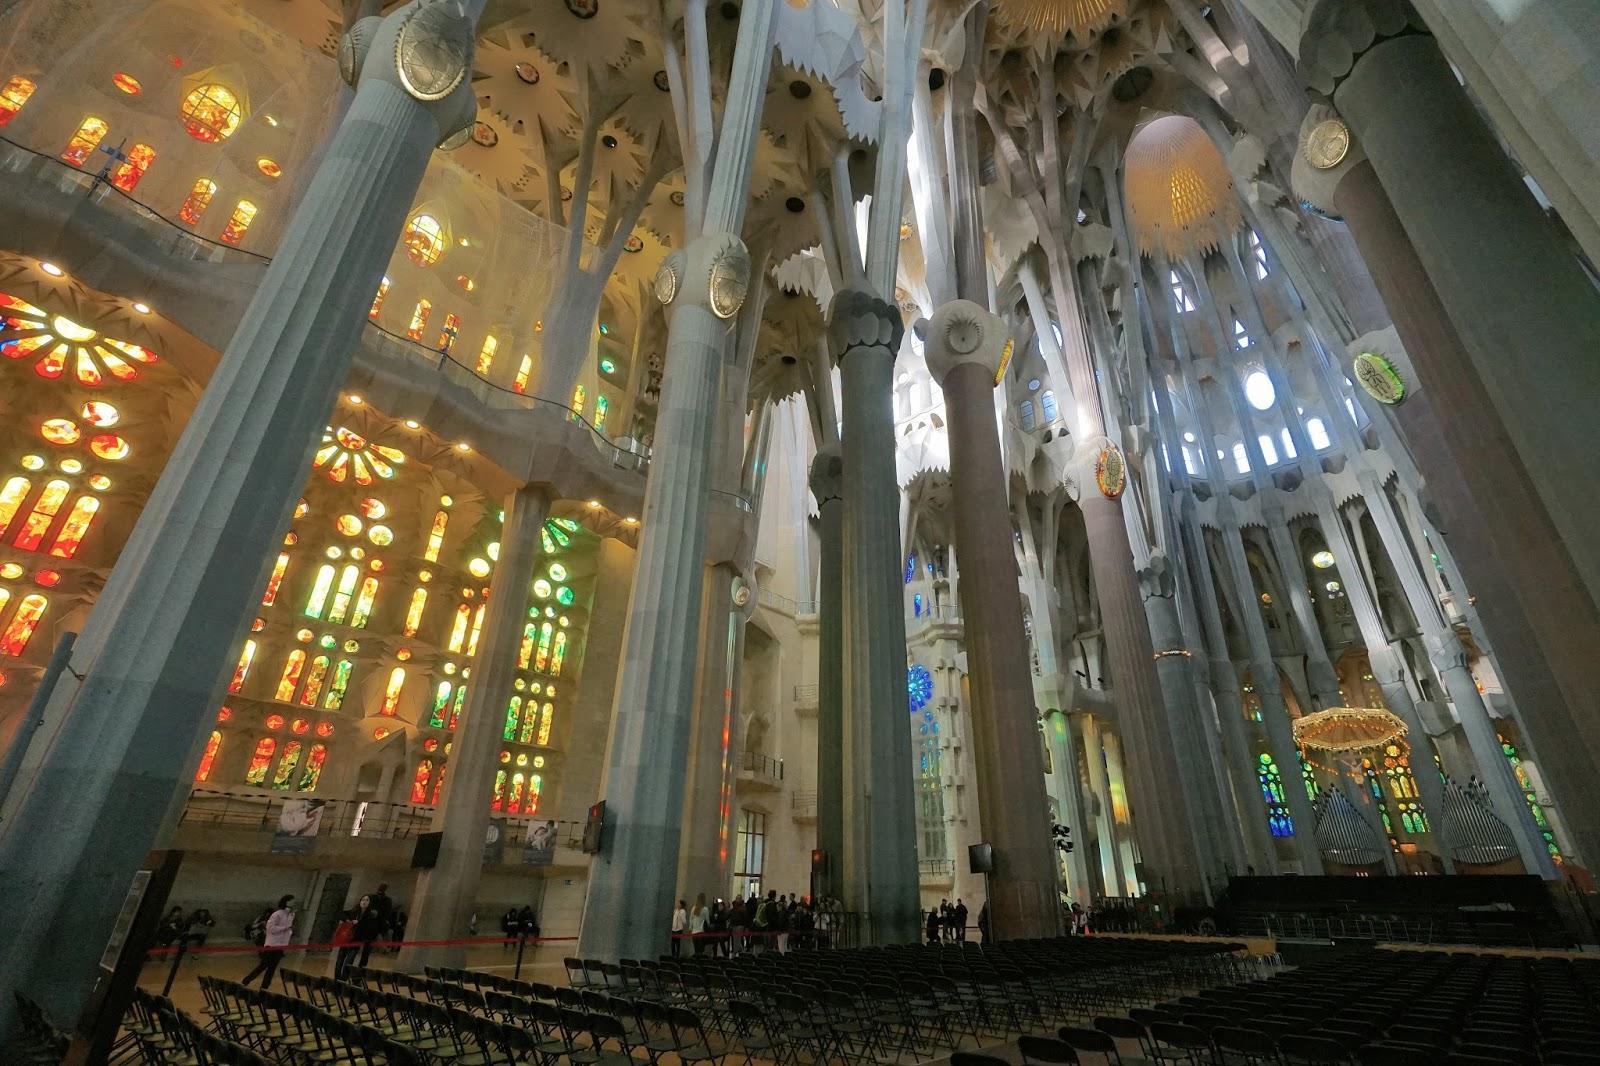 サグラダ・ファミリア (Sagrada Familia) 聖堂内部